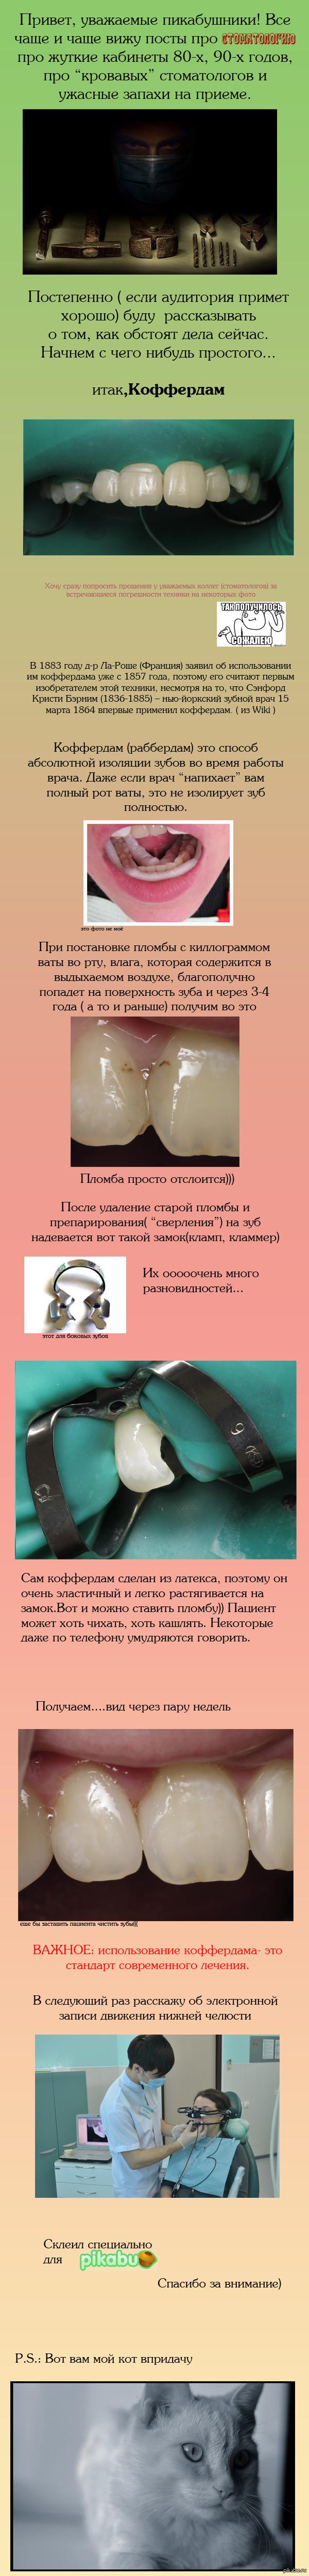 Немного о стоматологии Будем помаленьку приучать жертв стоматологии к современным методикам)